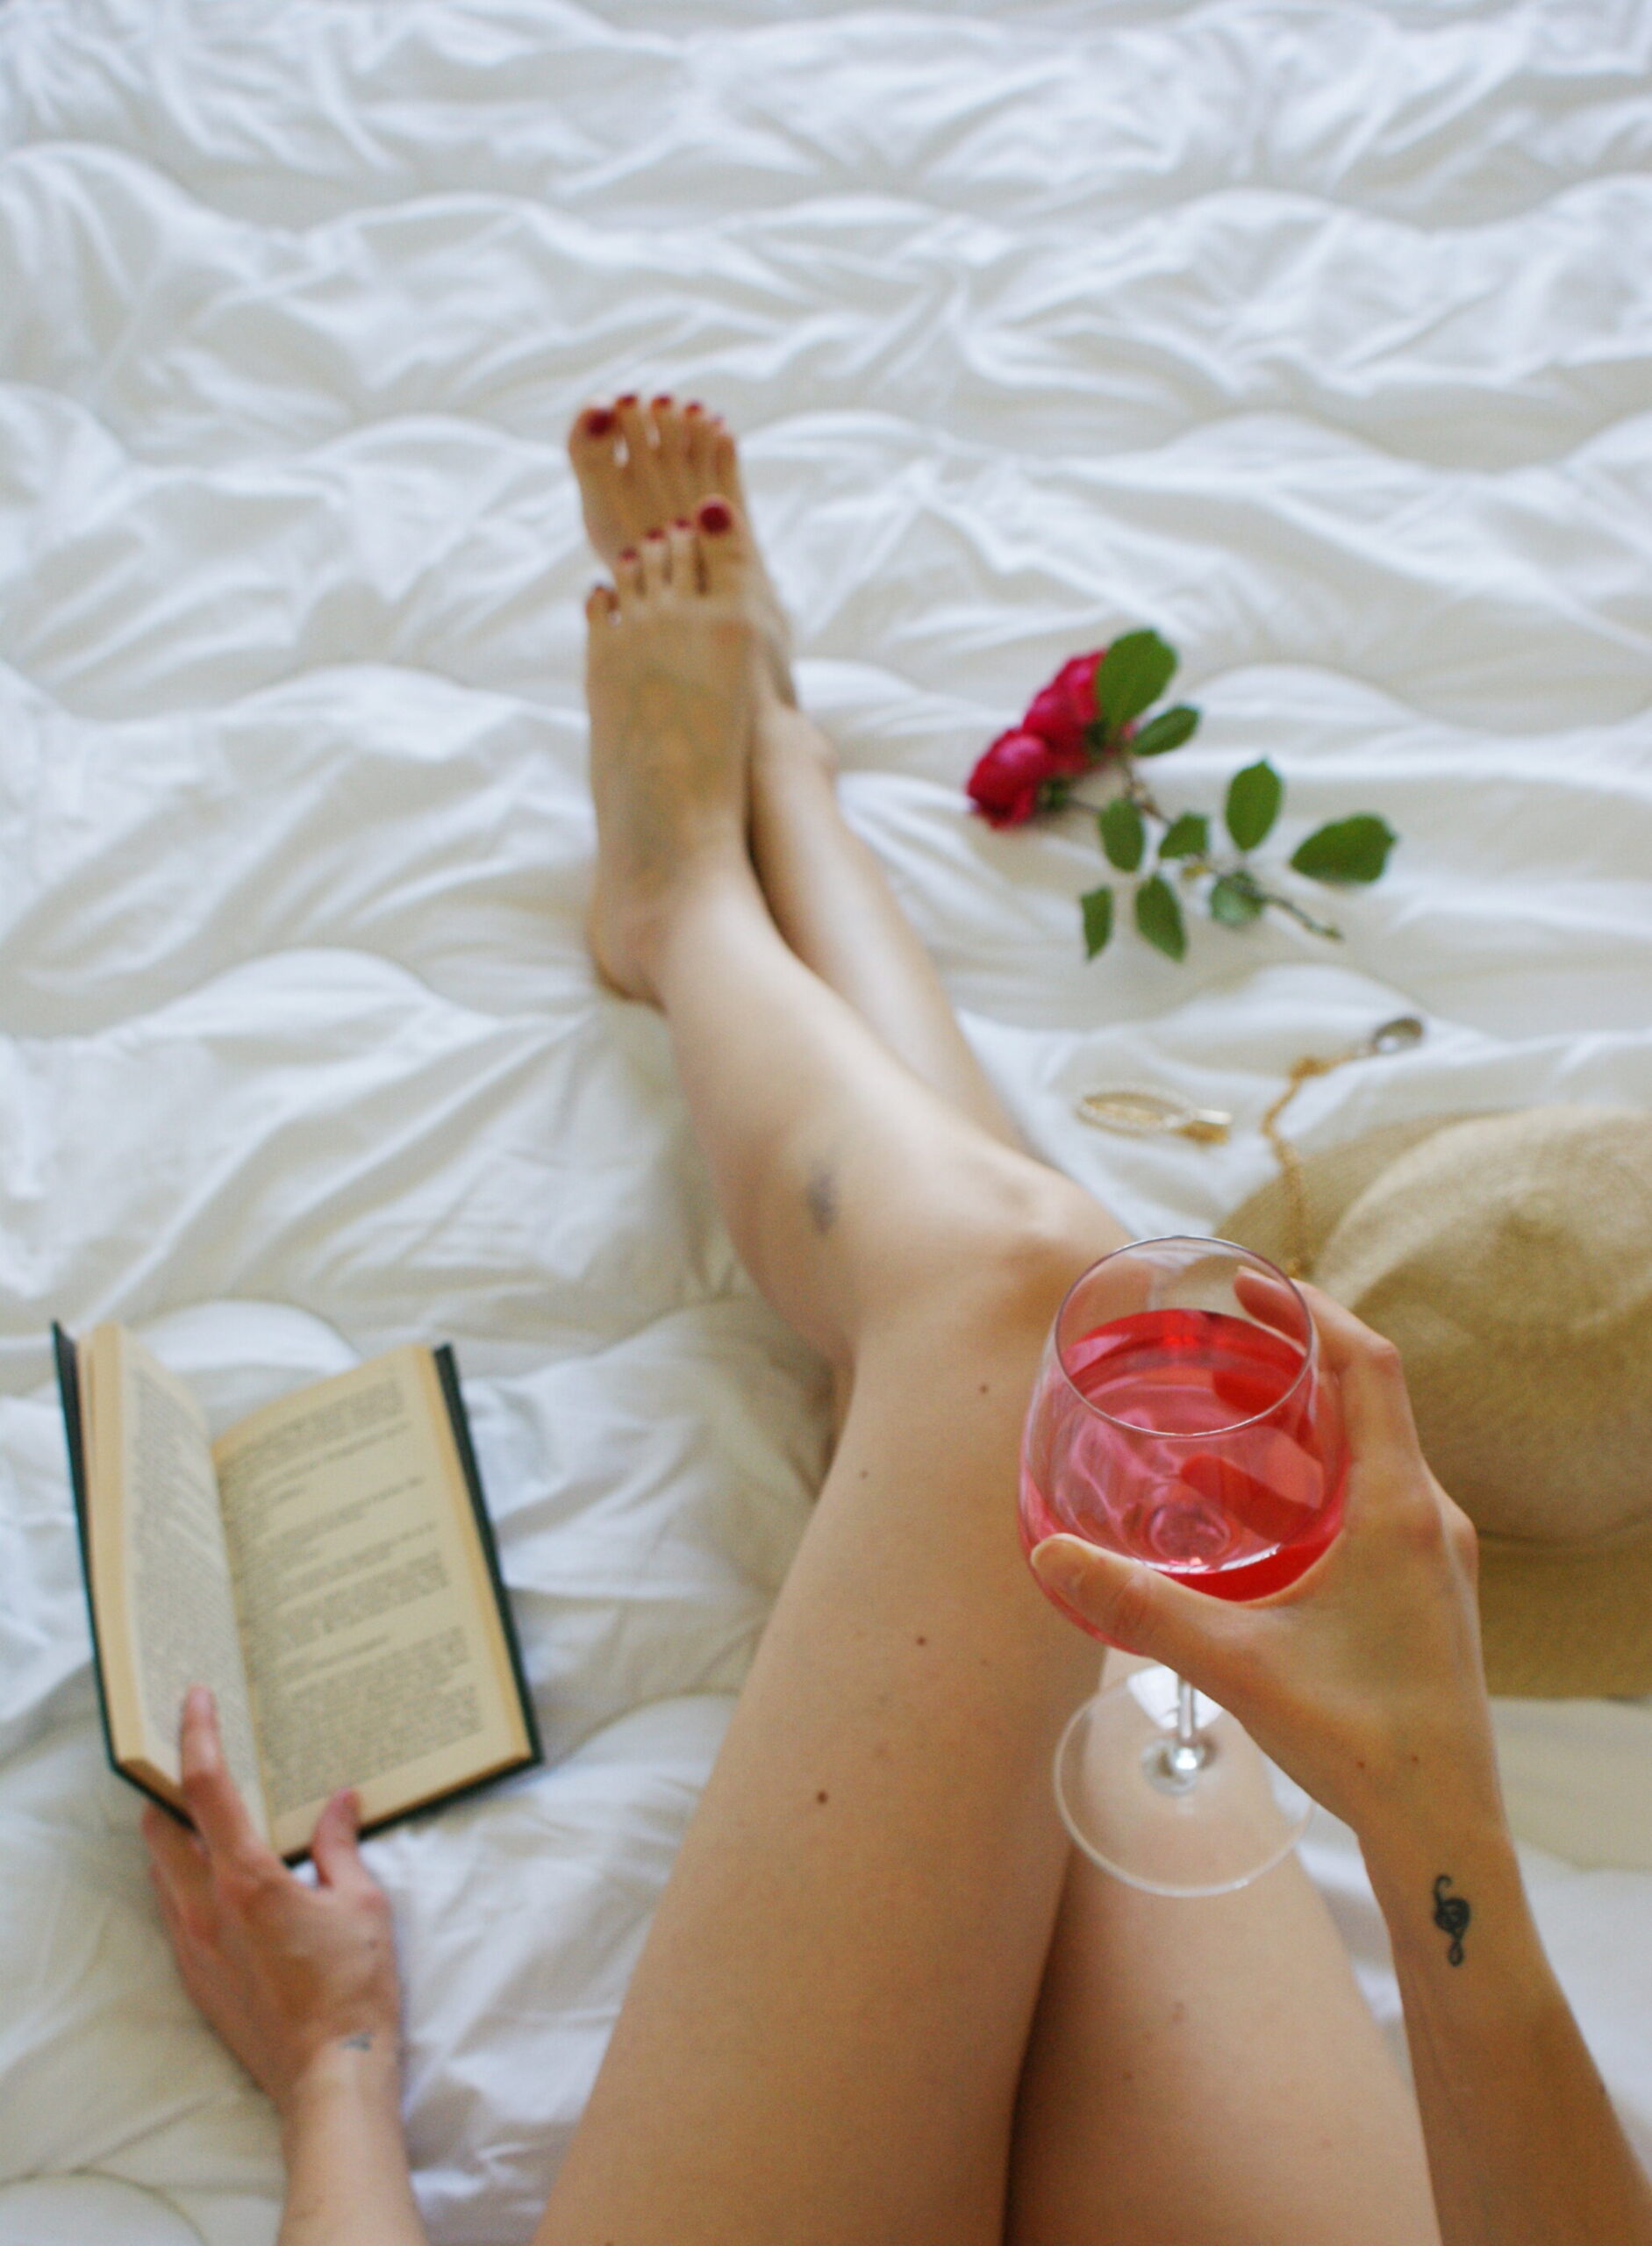 staycation cos'è significato vacanza estate quarantena coronavirus covid guida consigli cosa fare dove andare pratici organizzare viaggiare casa attività locali francinesplaceblog